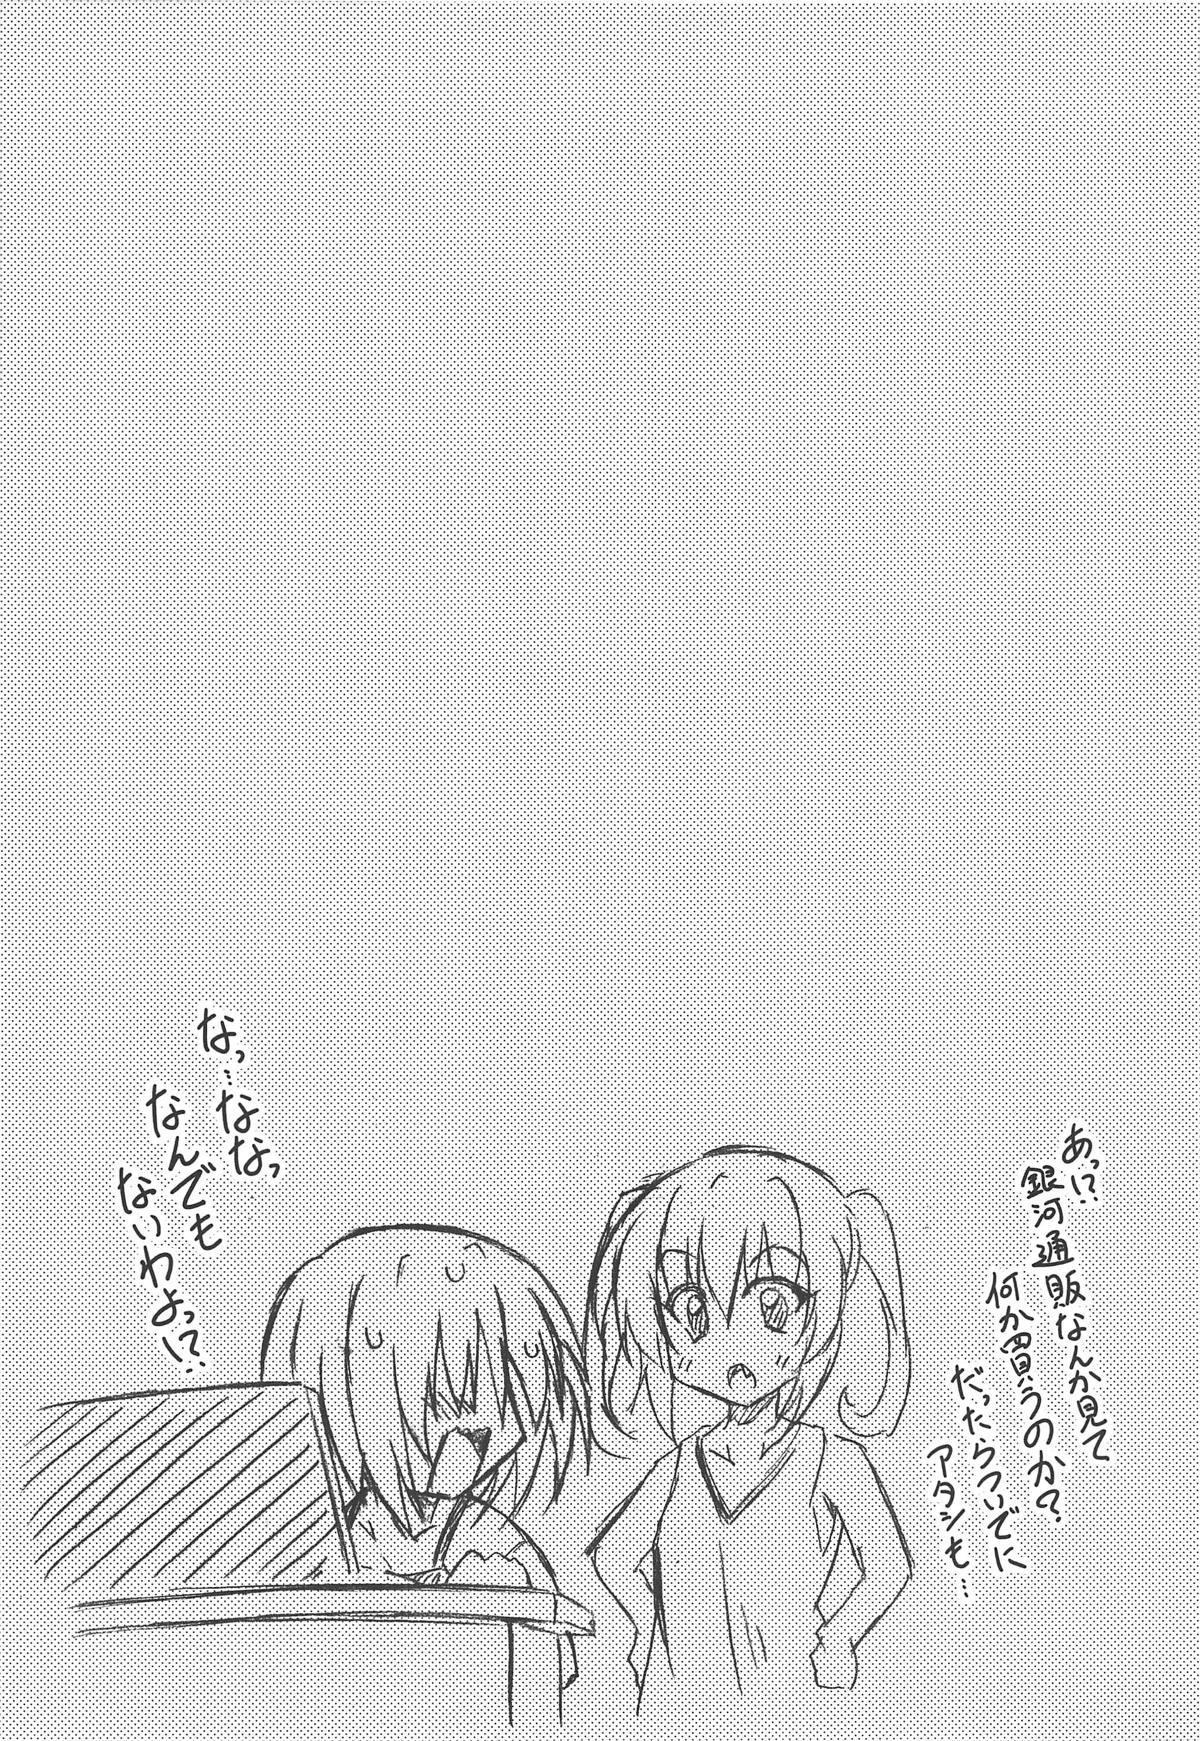 Rito-san no Harem Seikatsu 7 24